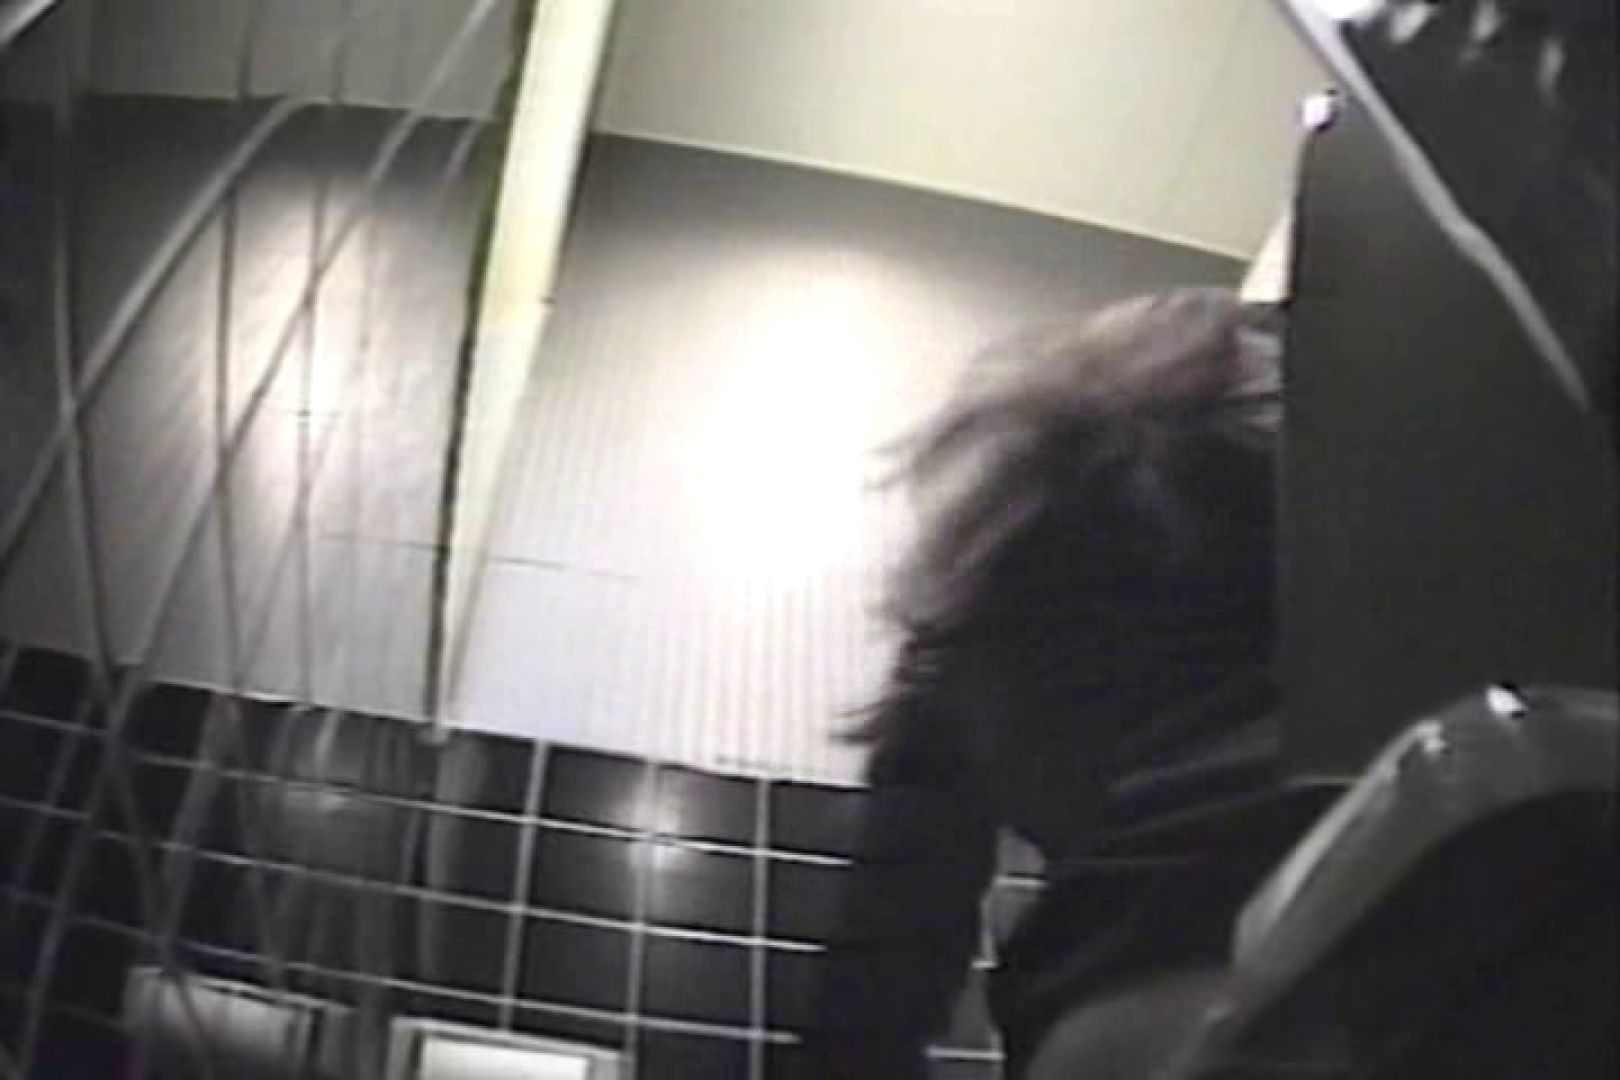 盗撮 女子洗面所3ヶ所入ってしゃがんで音出して 盗撮 おまんこ無修正動画無料 67pic 2